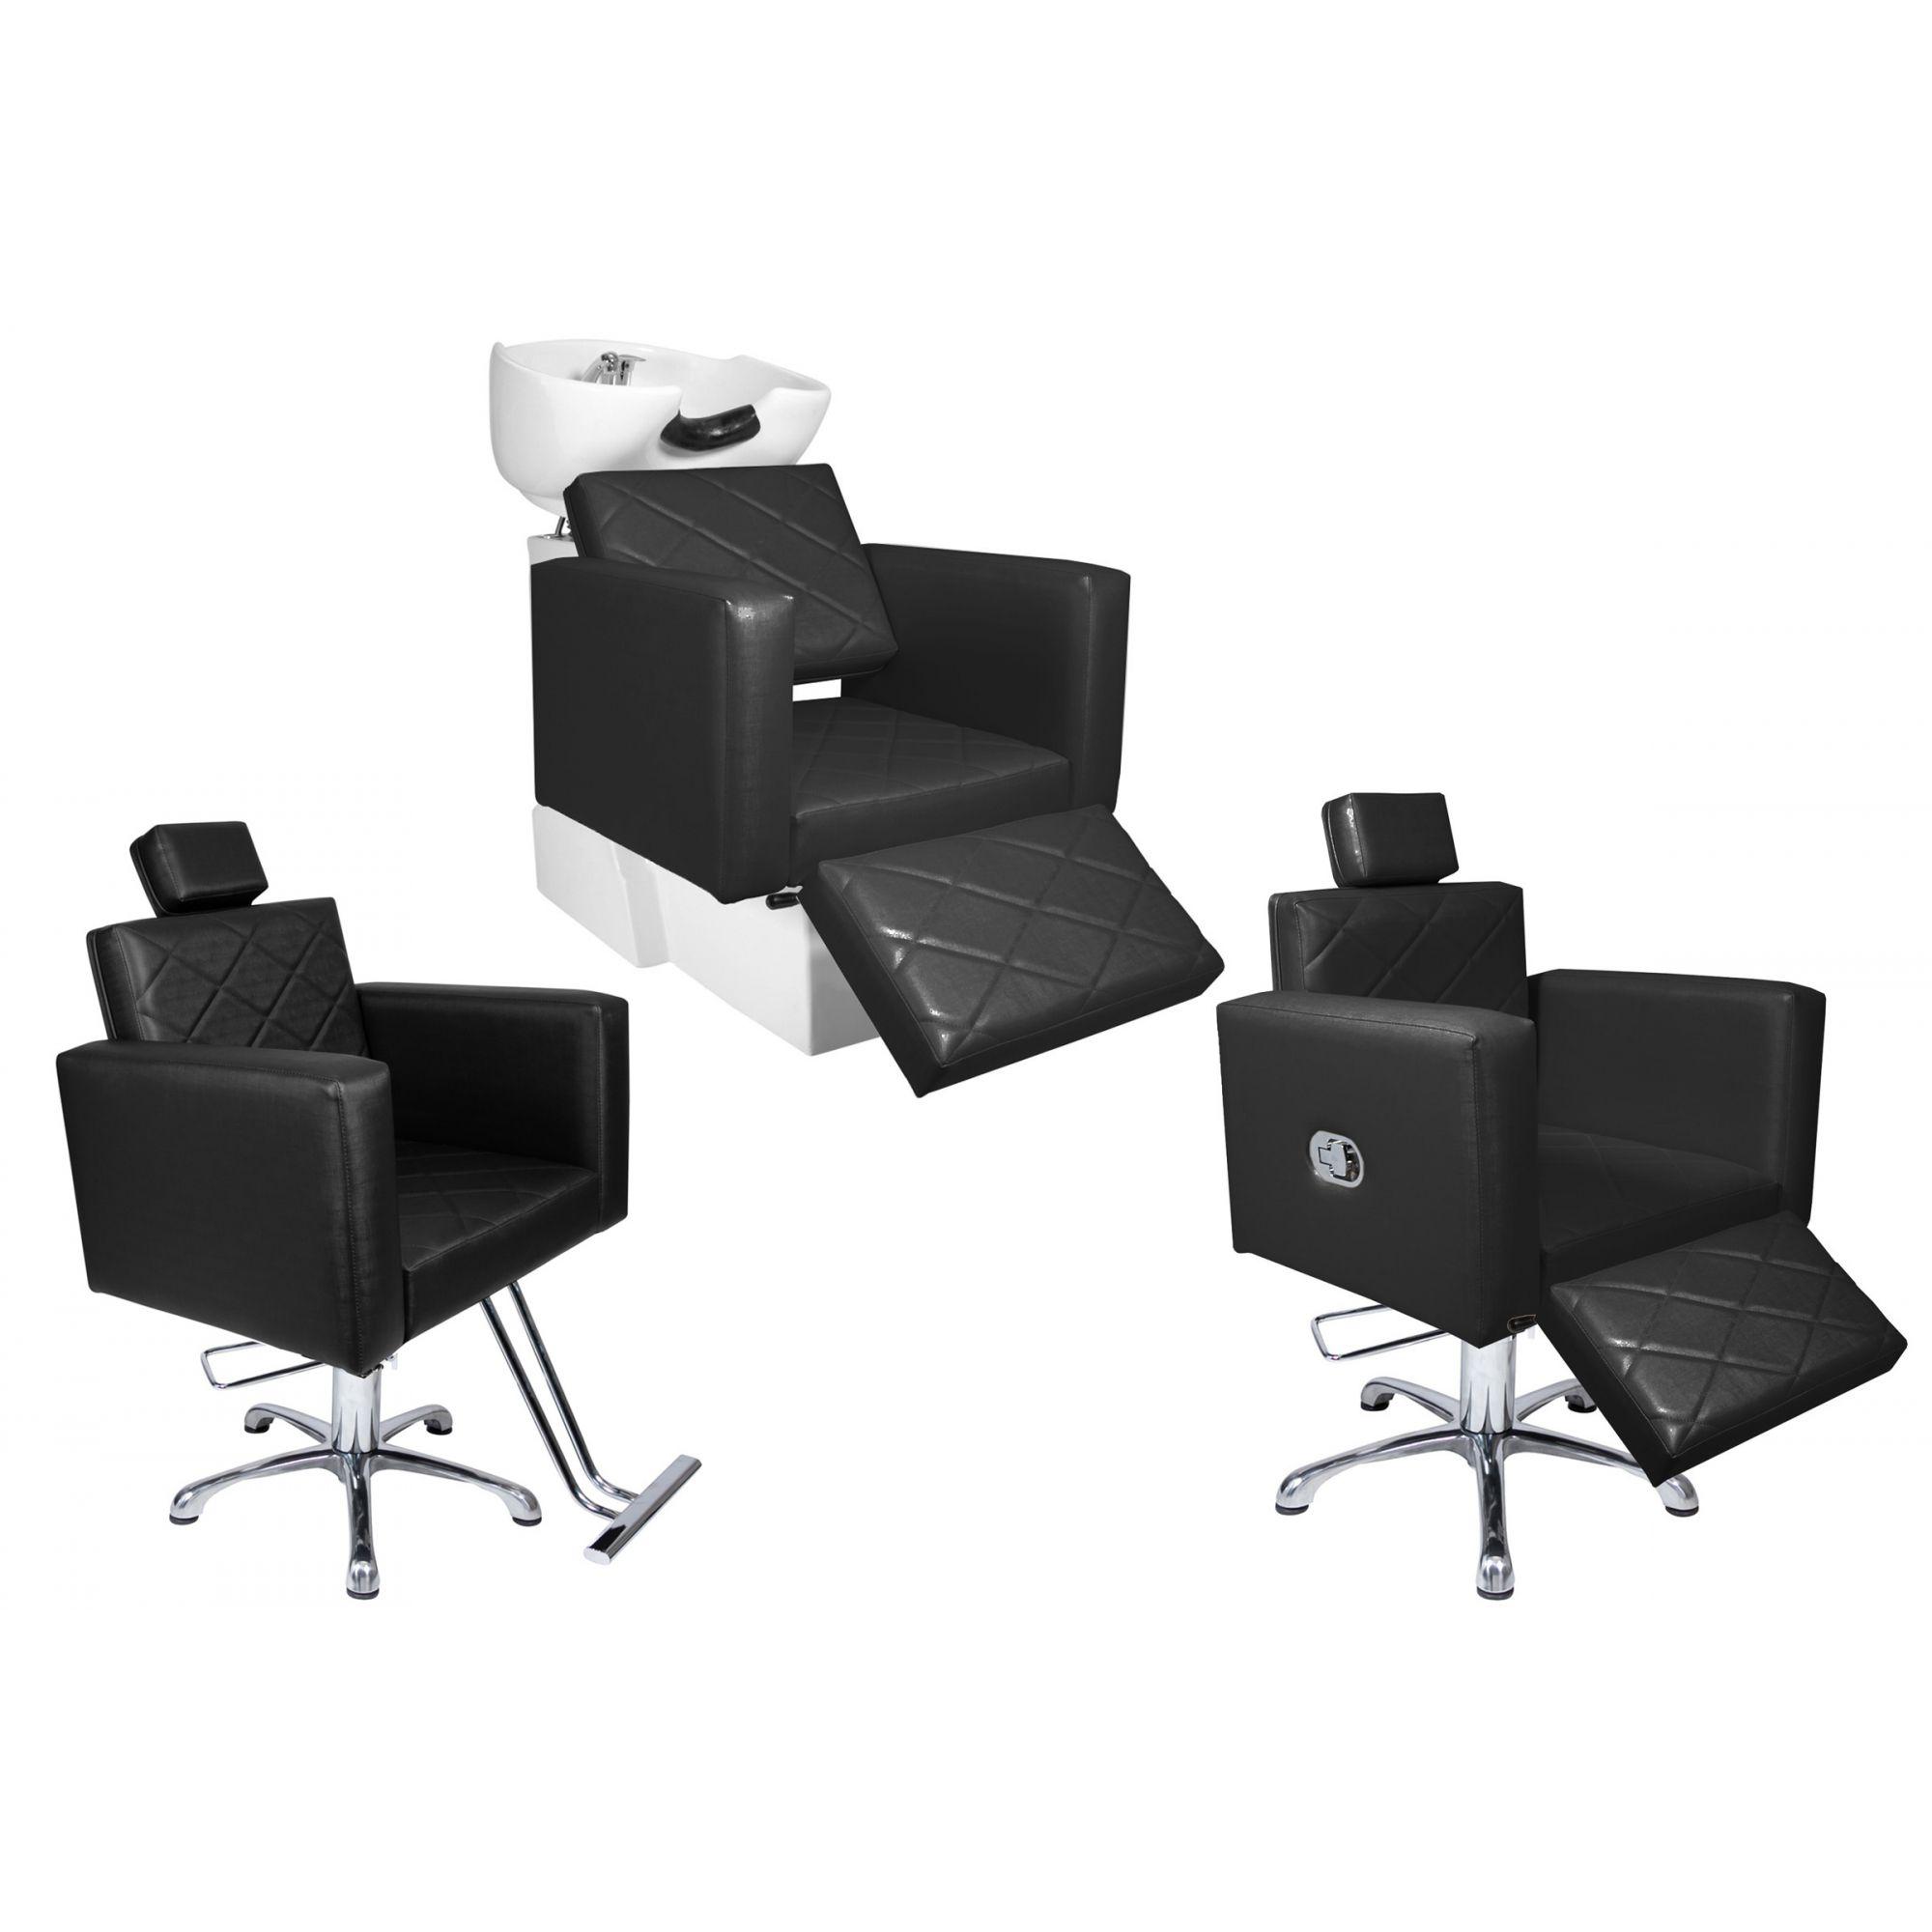 KIT Evidence - 1 Cadeira Fixa + 1 Cadeira Reclinável Com Descanso + 1 Lavatório Com Descanso